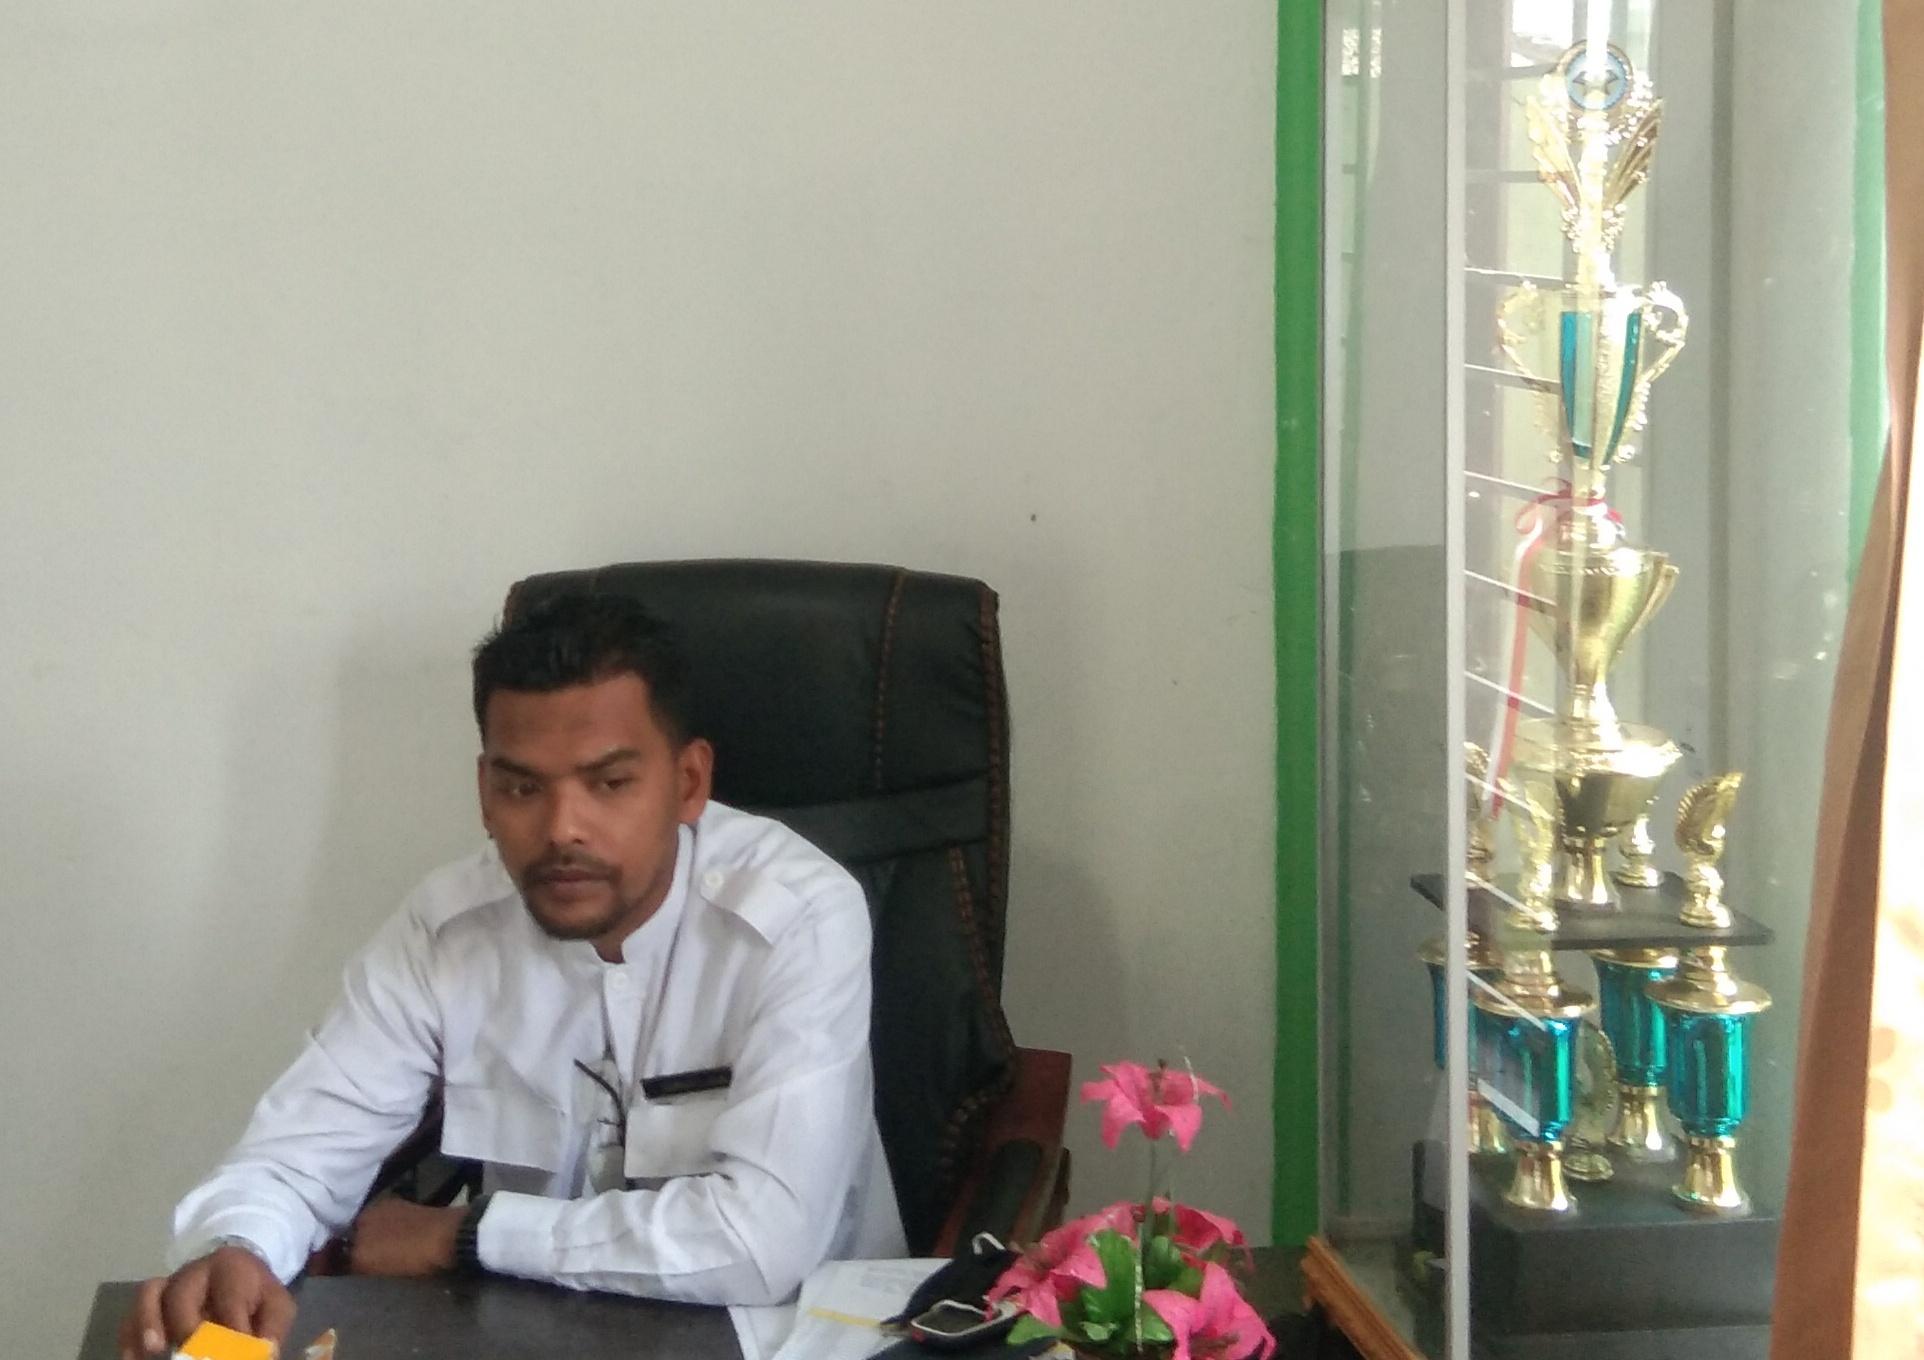 Pemerintah Gampong Meurandeh Aceh, Terus Berupaya Terkait Pencegahan Penyebaran Virus Corona